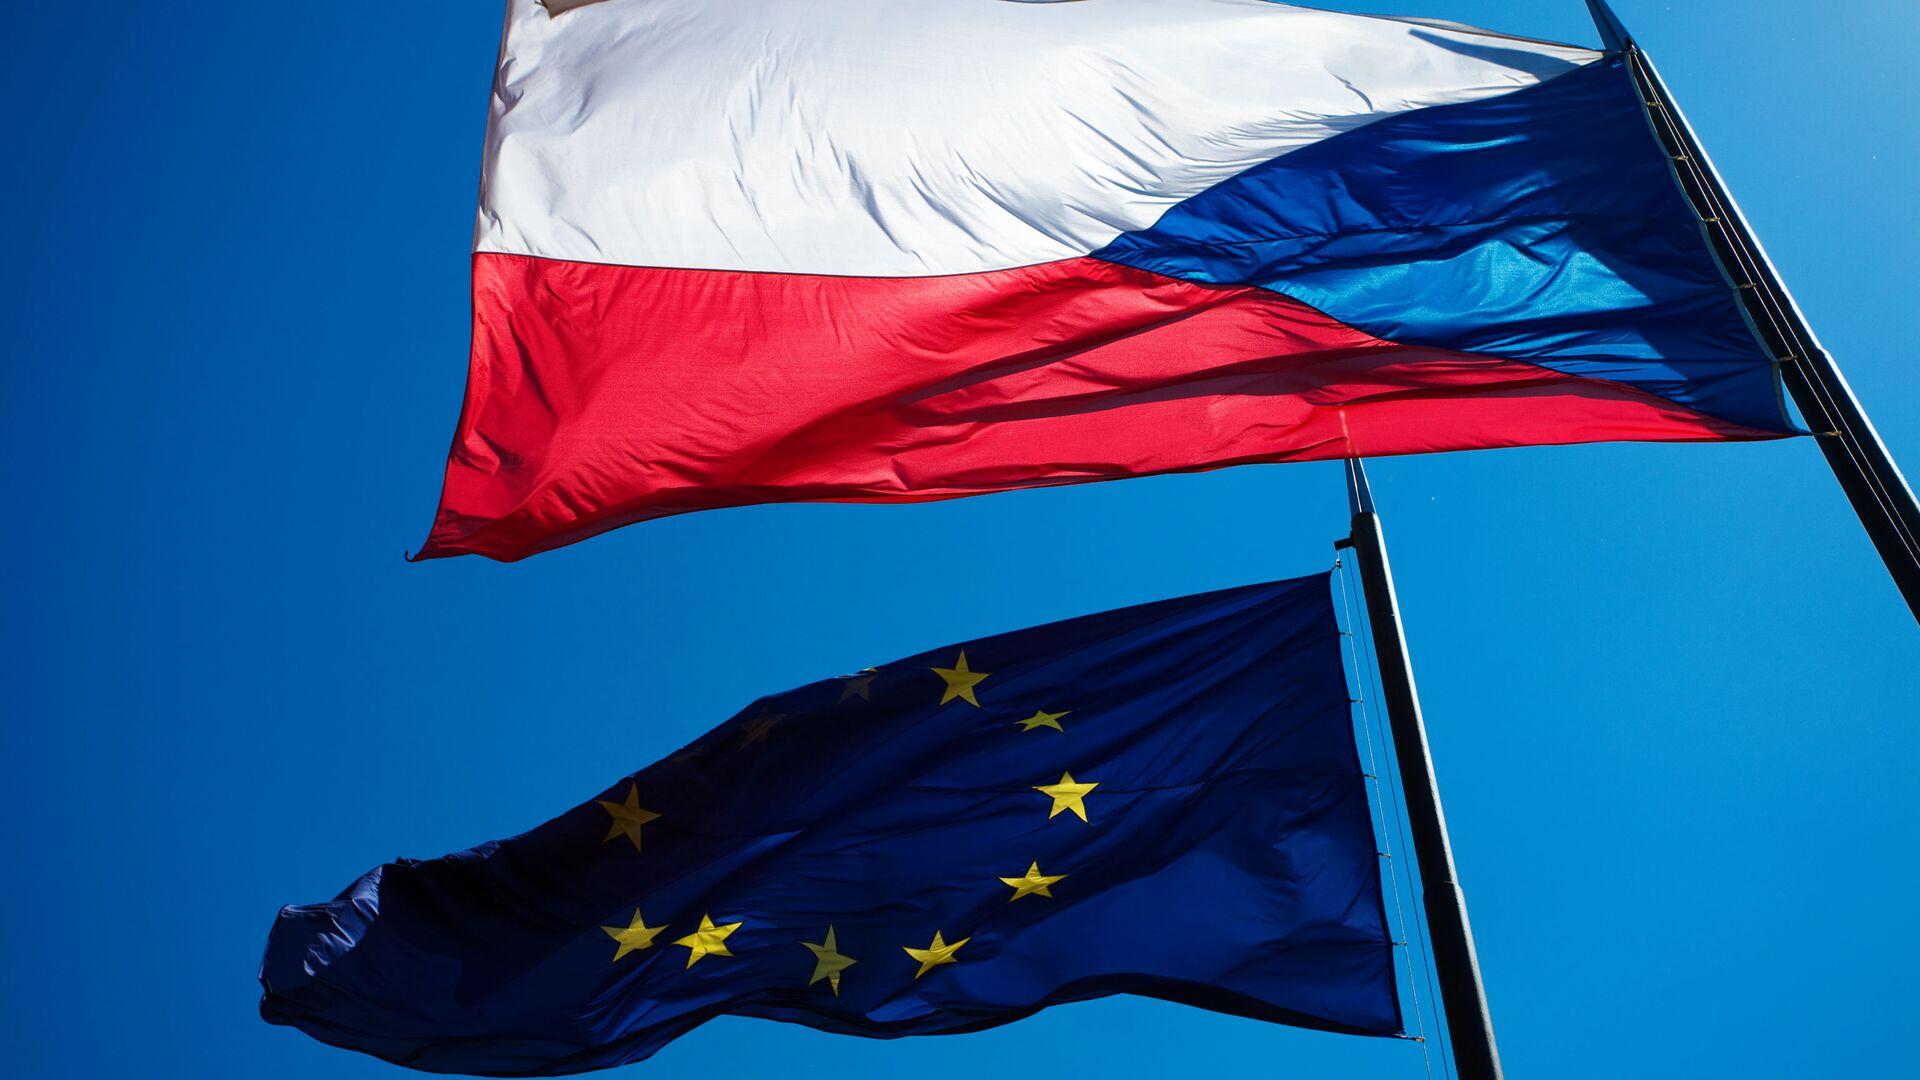 Vlajky EU a České republiky - Sputnik Česká republika, 1920, 07.03.2021